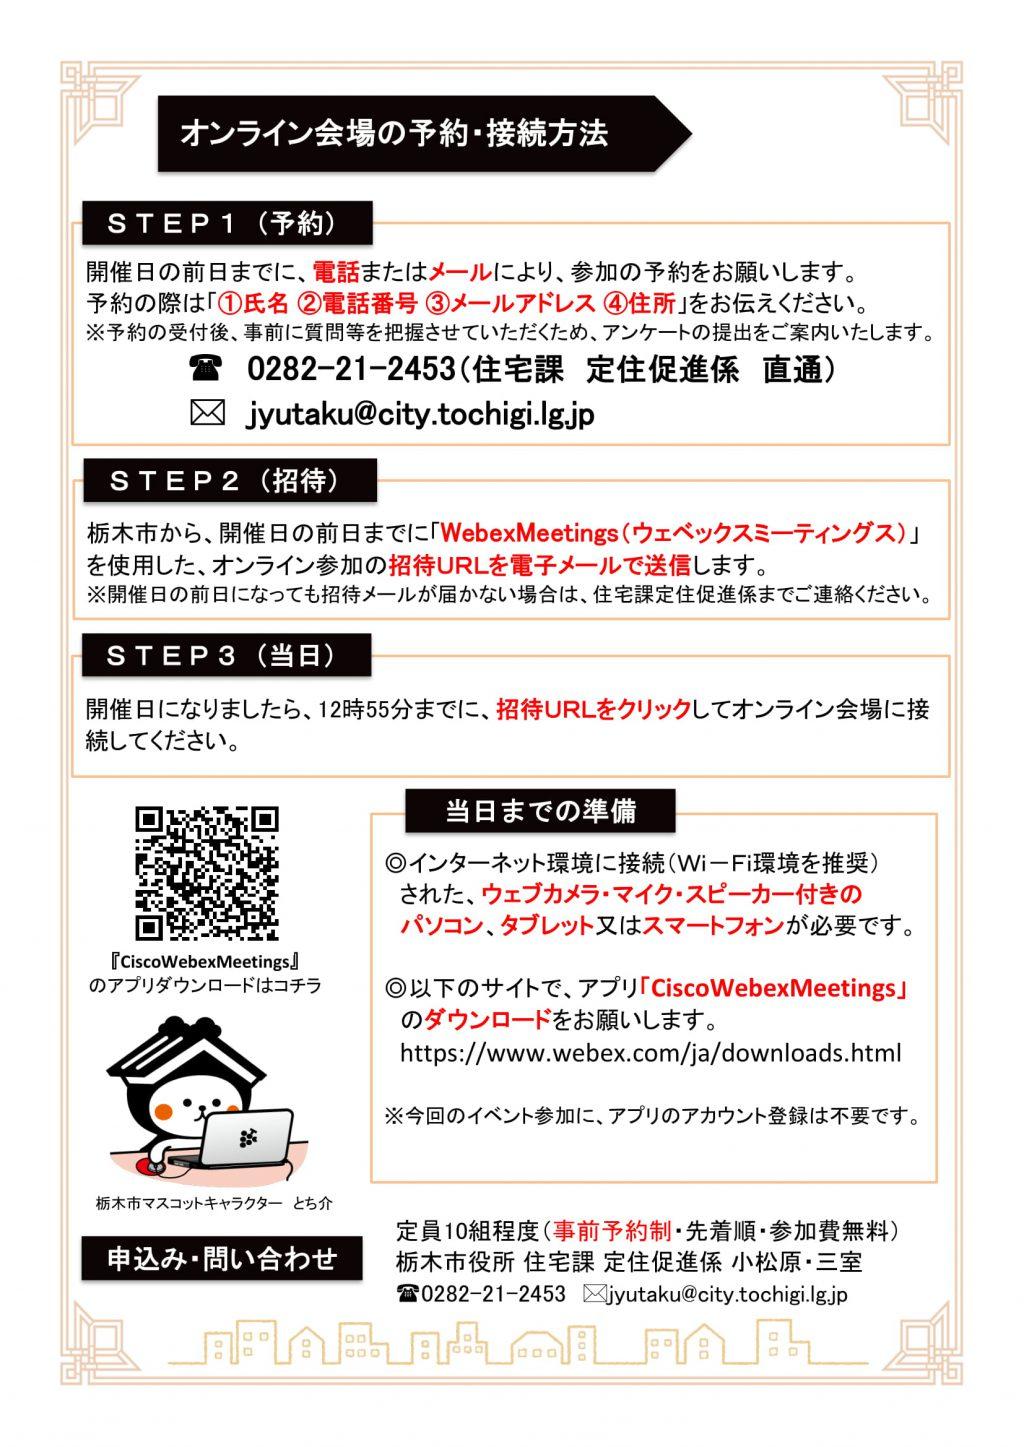 栃木市オンライン移住交流相談会案内チラシ裏面